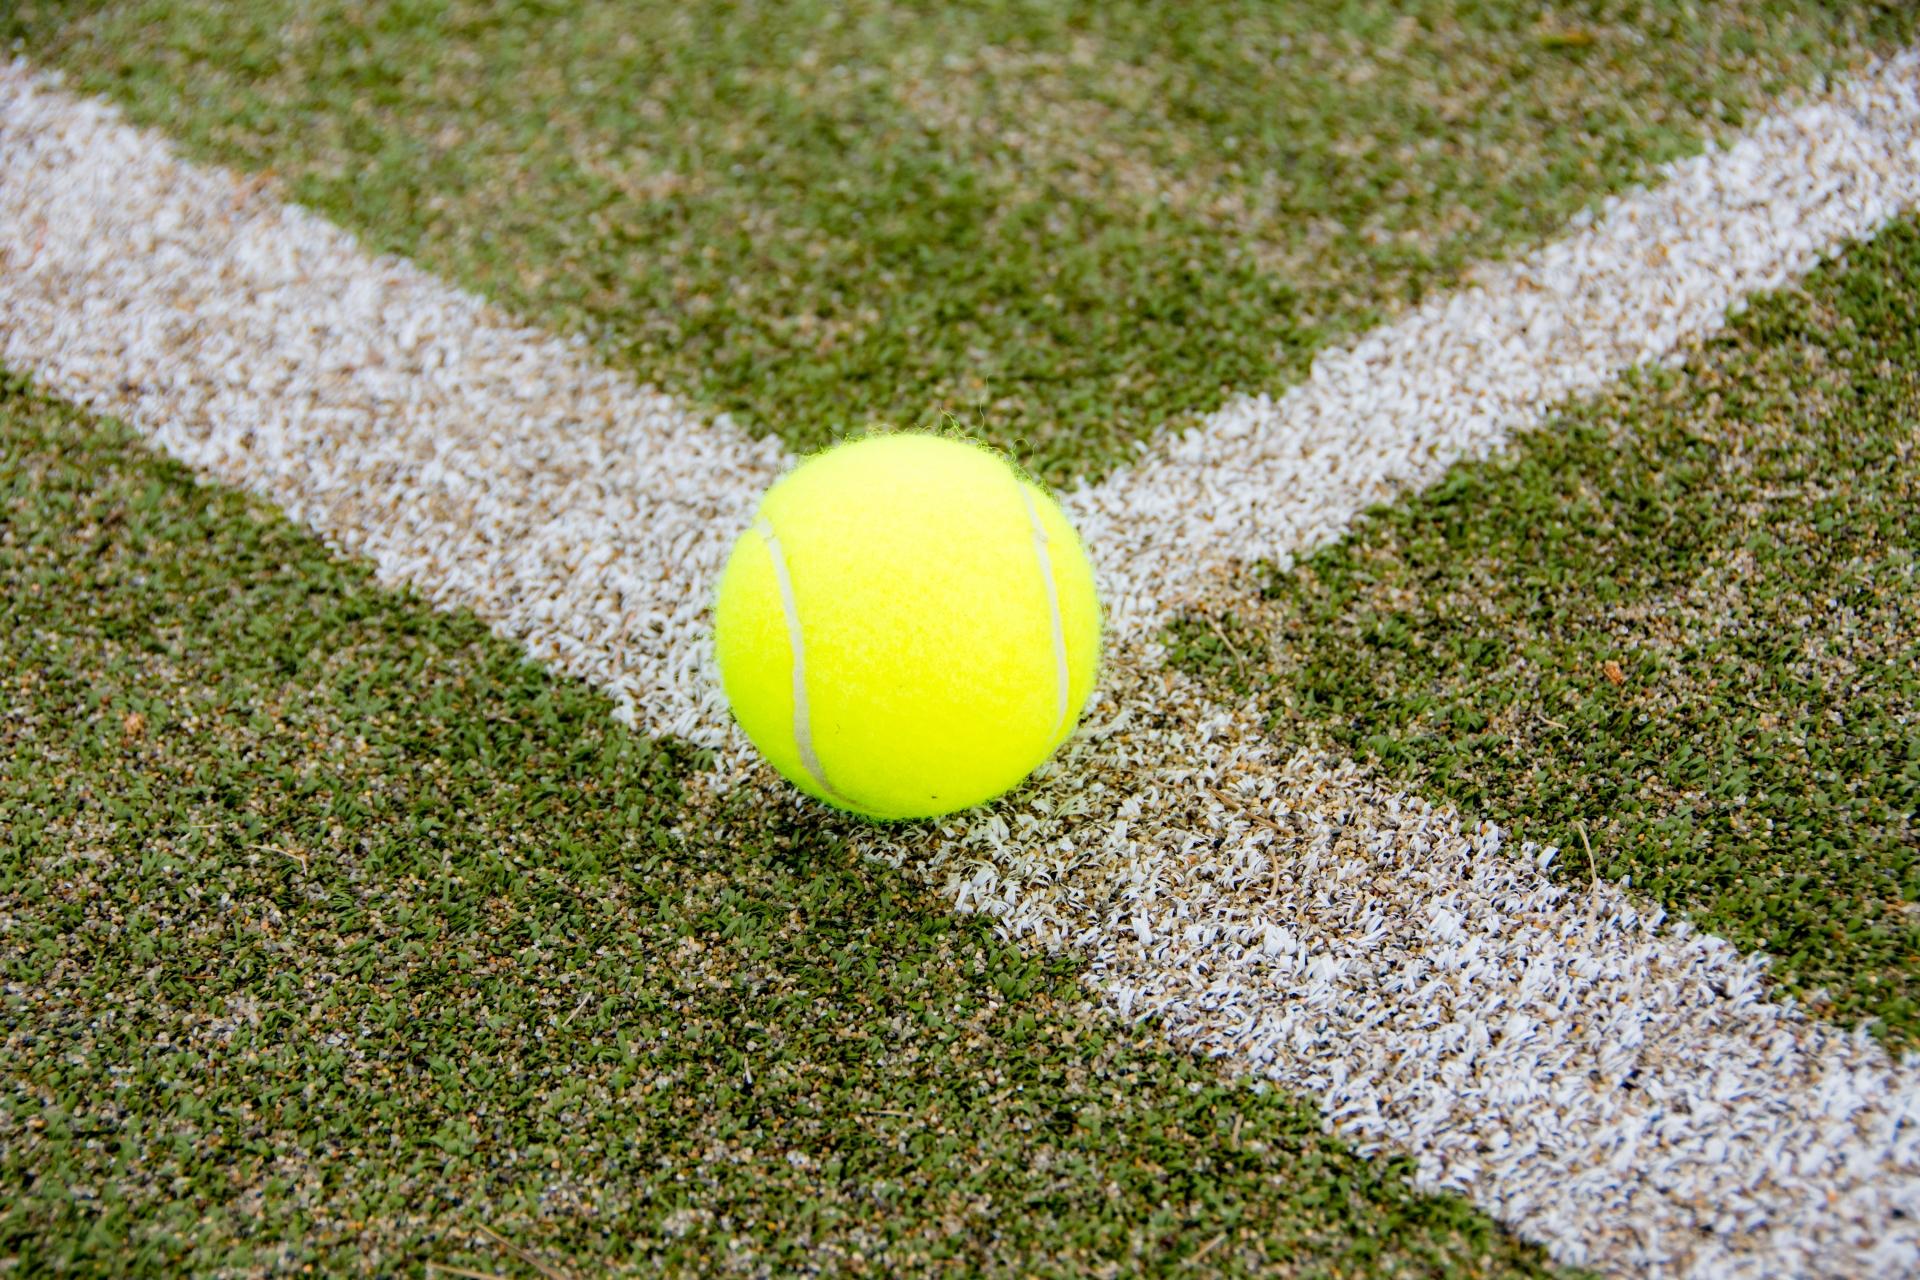 知らないと上達が遅れる?テニスコートの各ラインの名称10箇所!